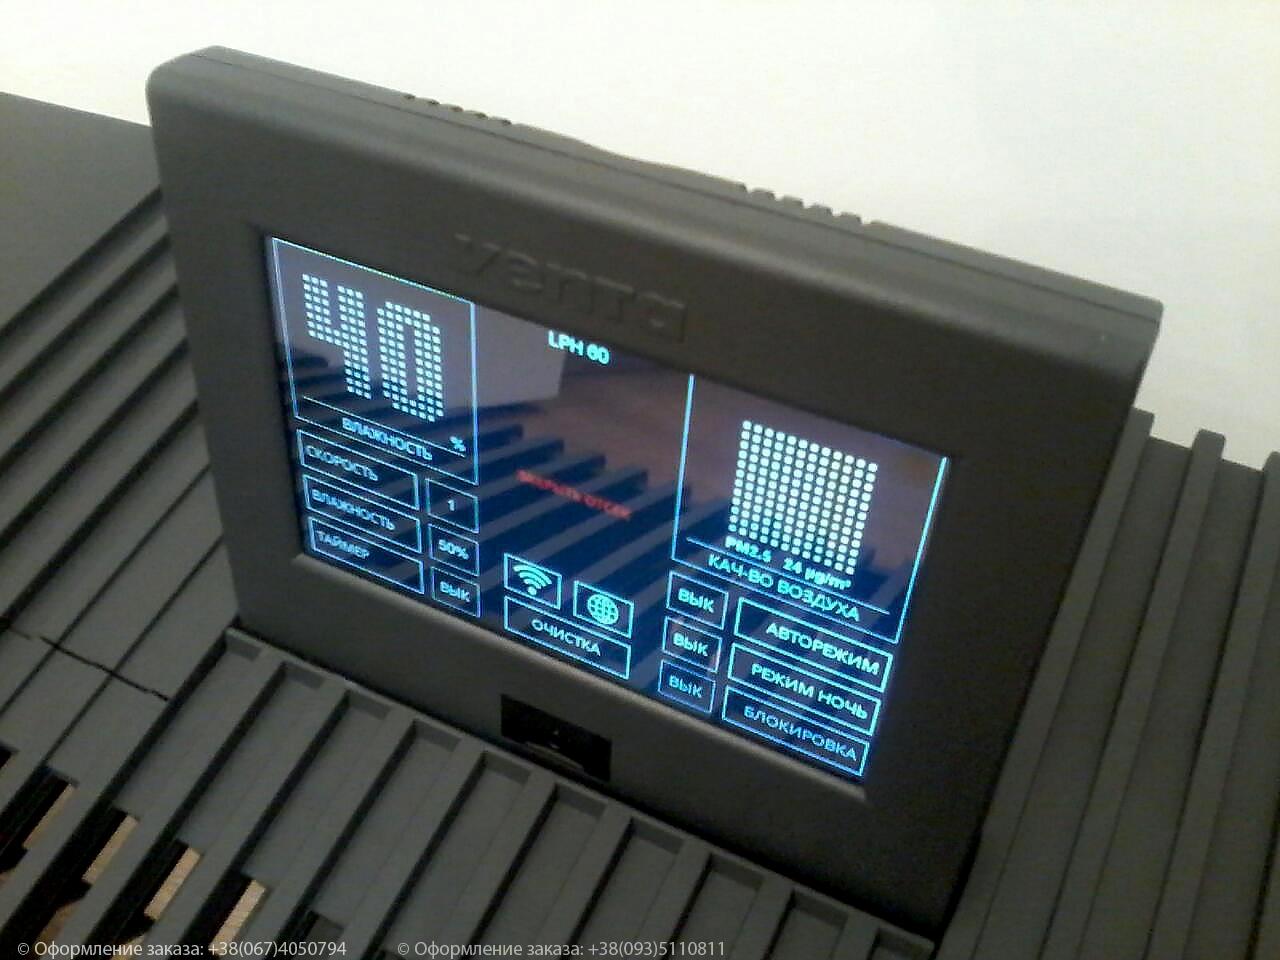 Чудо-прибор фирмы Venta с Wi Fi управлением